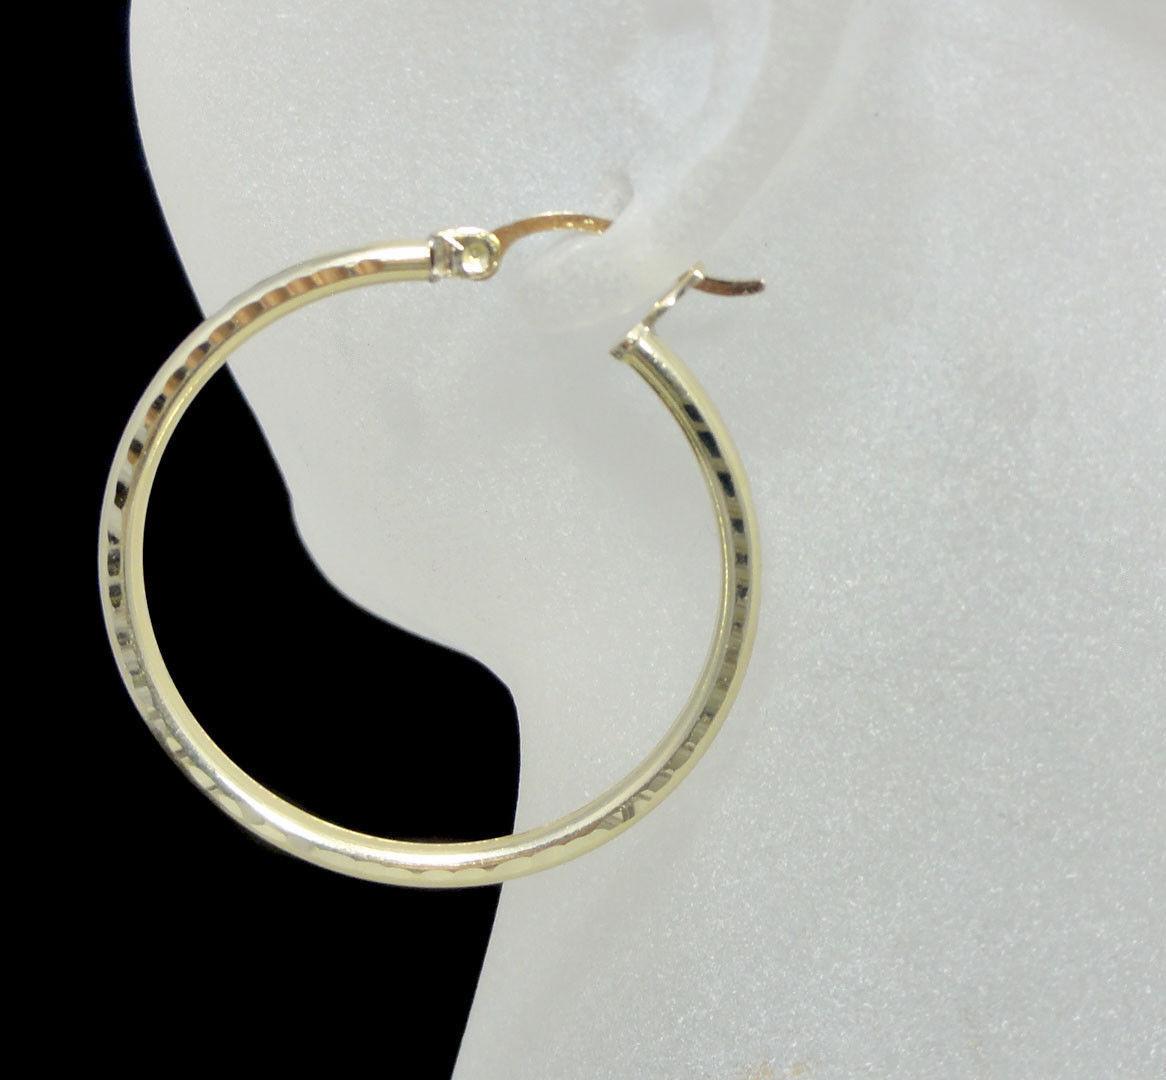 Ladies Women's New D Cut Real Genuine 10kt Yellow gold 1.25   31mm Hoop Earrings